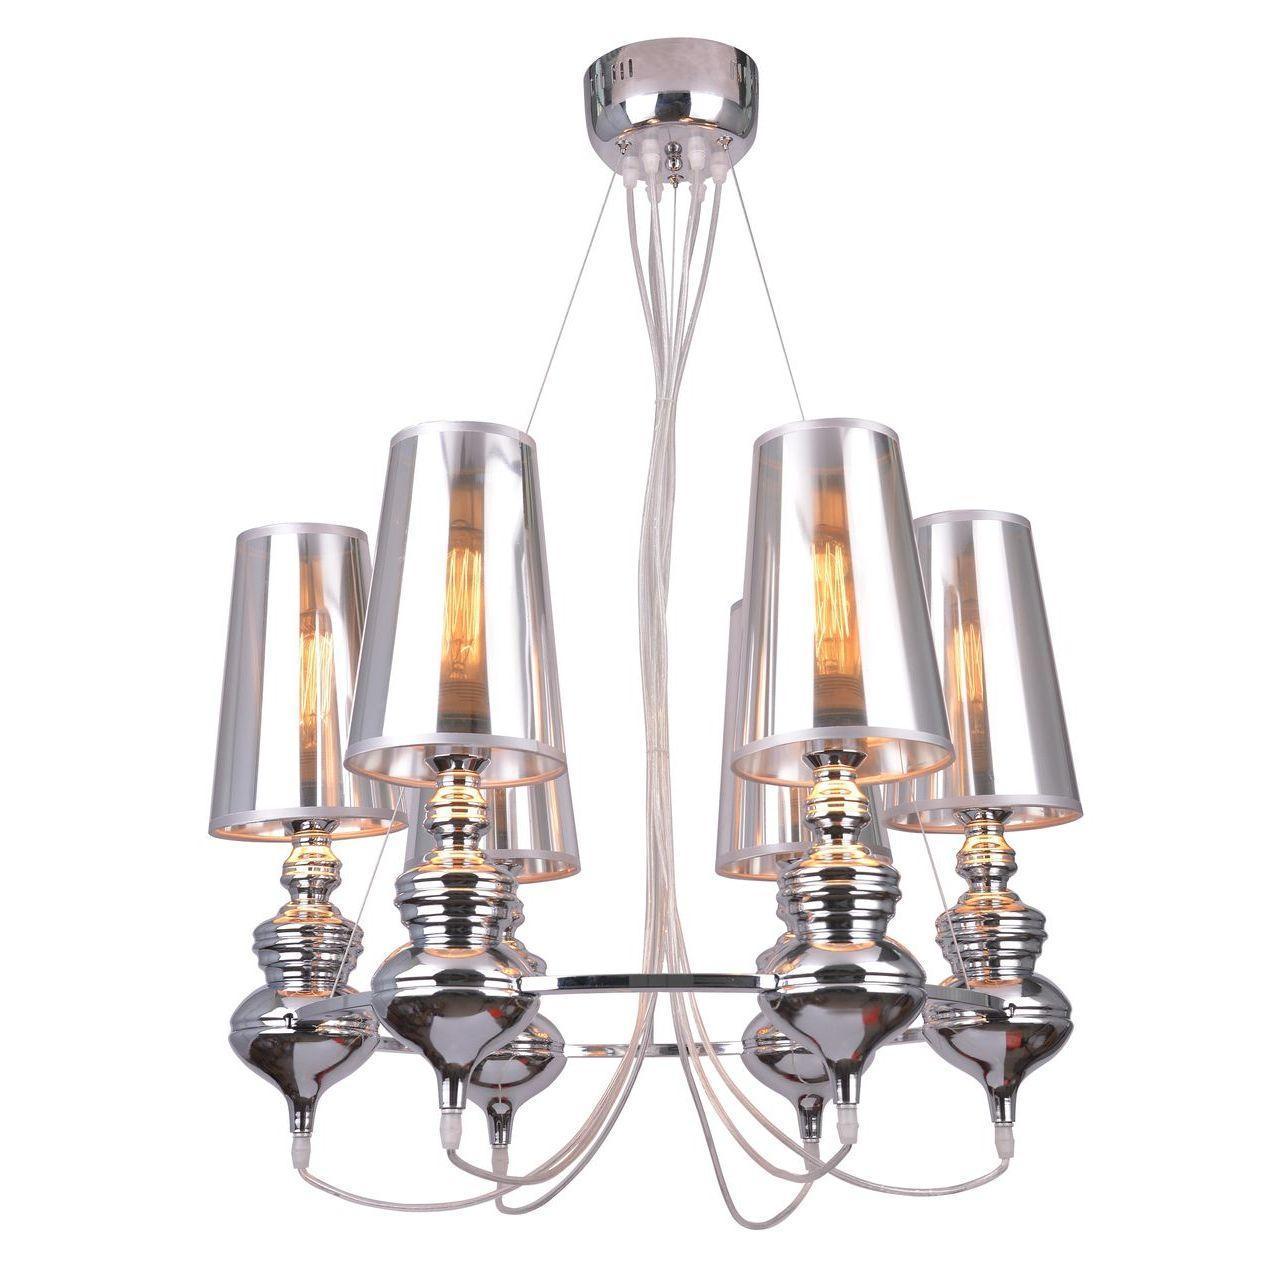 Подвесная люстра Arte Lamp Anna Maria A4280LM-6CC arte lamp подвесная люстра arte lamp anna maria a4280lm 6cc